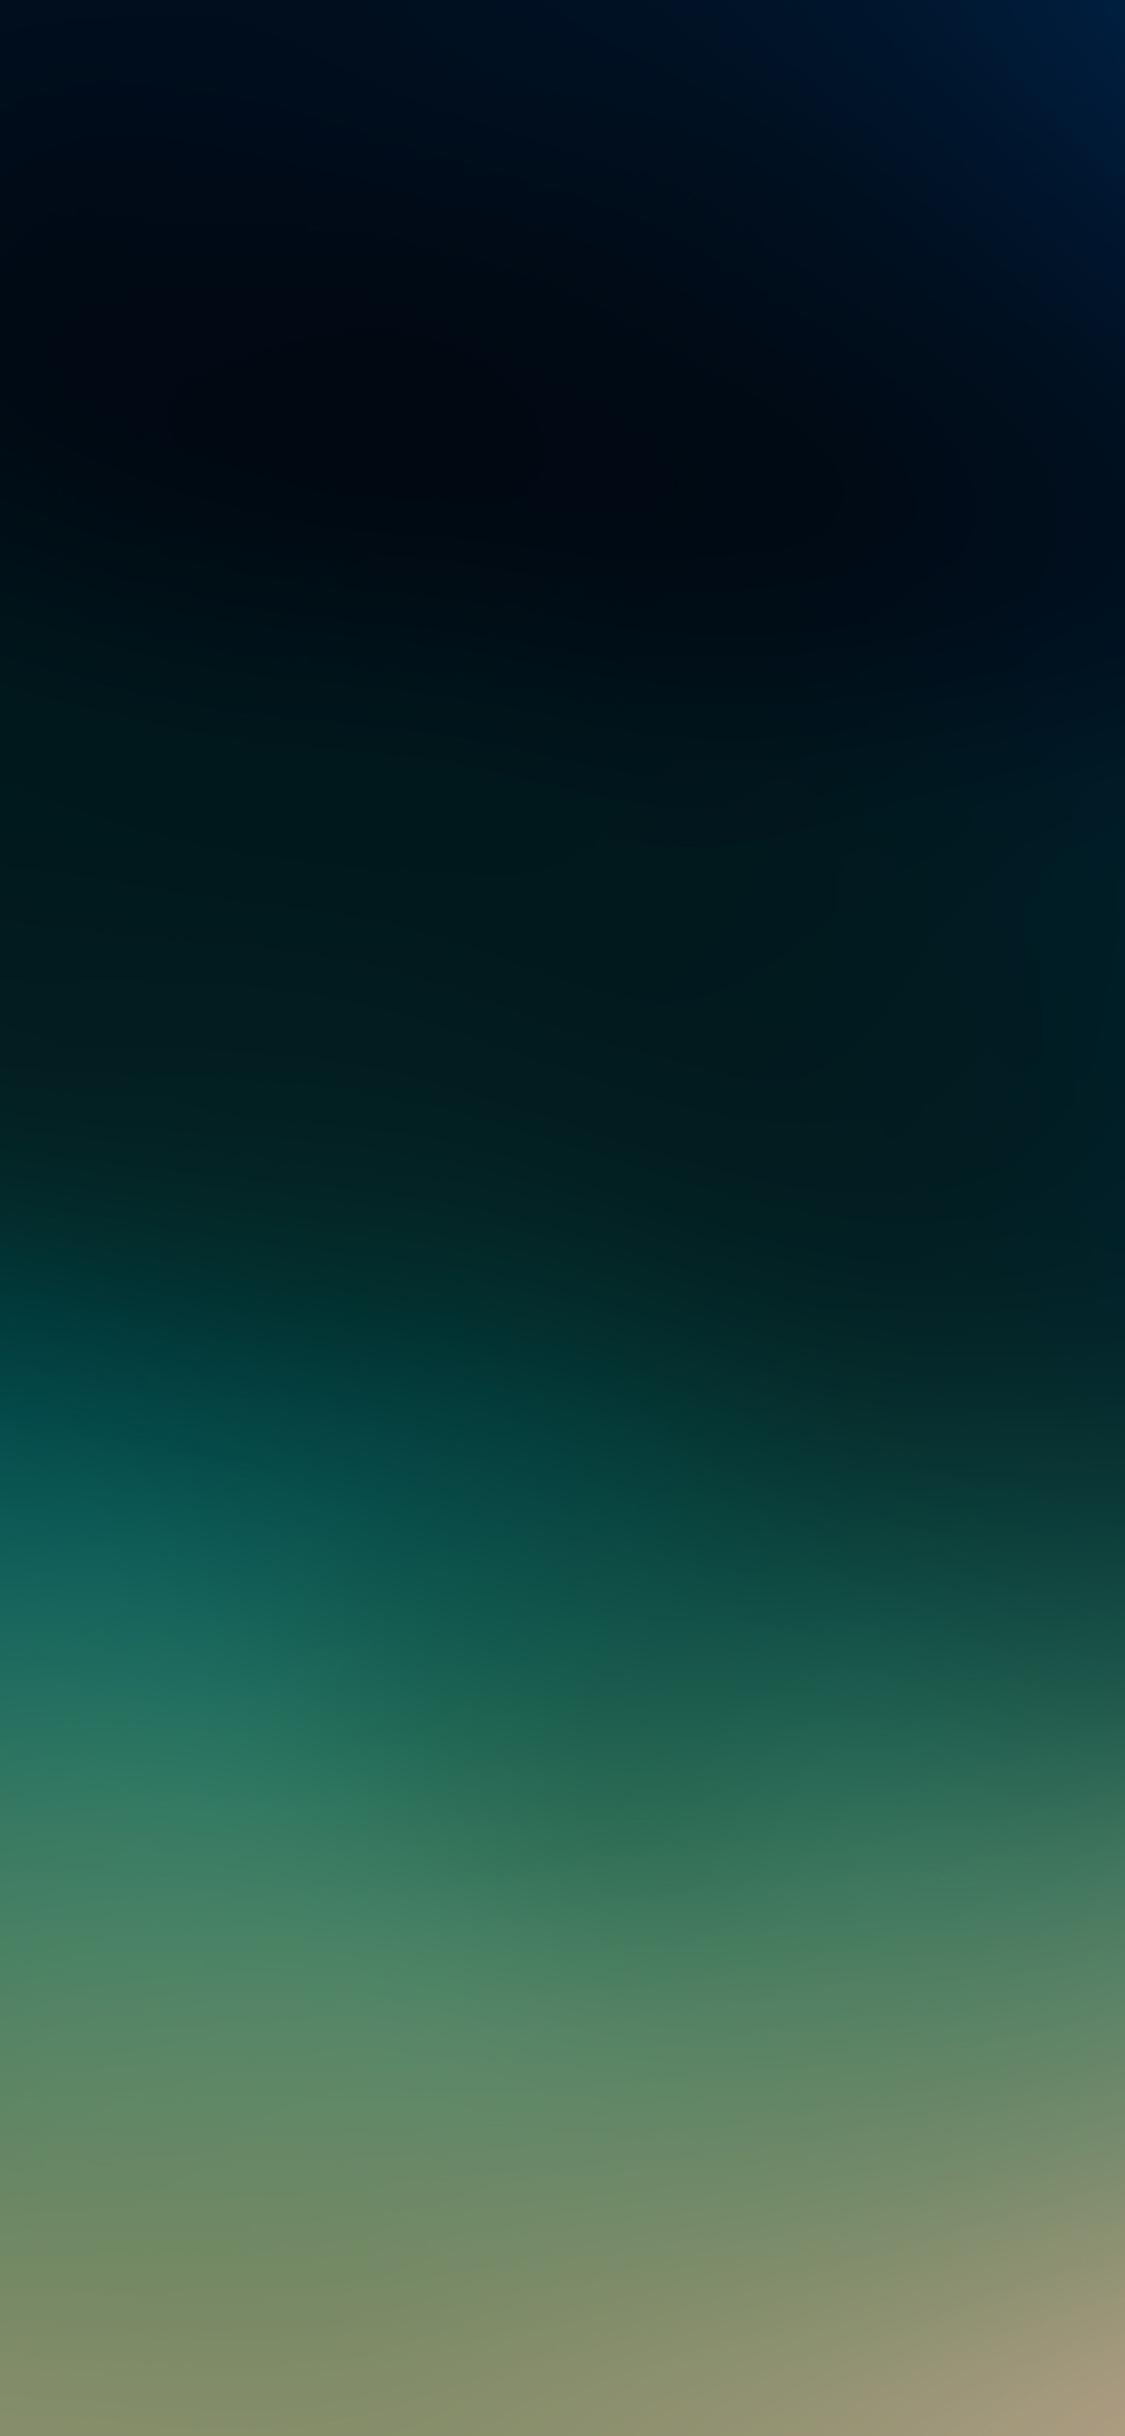 iPhoneXpapers.com-Apple-iPhone-wallpaper-sa92-wallpaper-quebec-night-blur